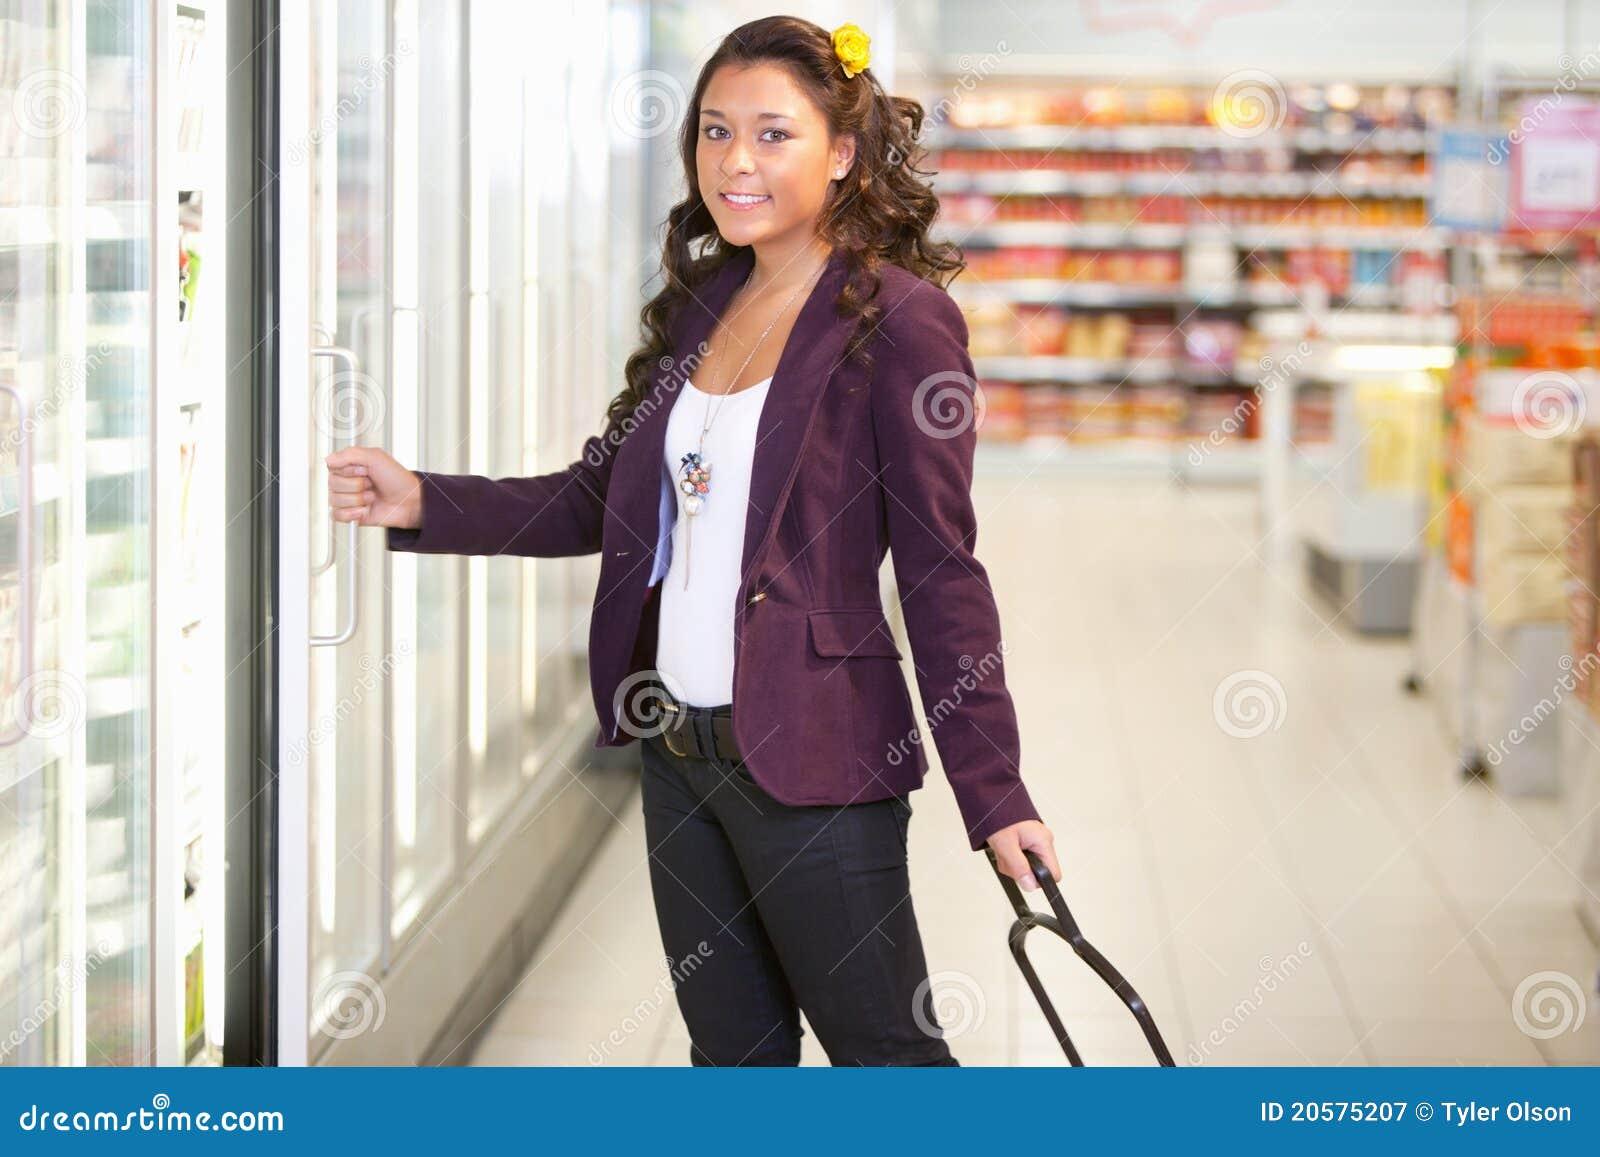 Supermercado frío del alimento